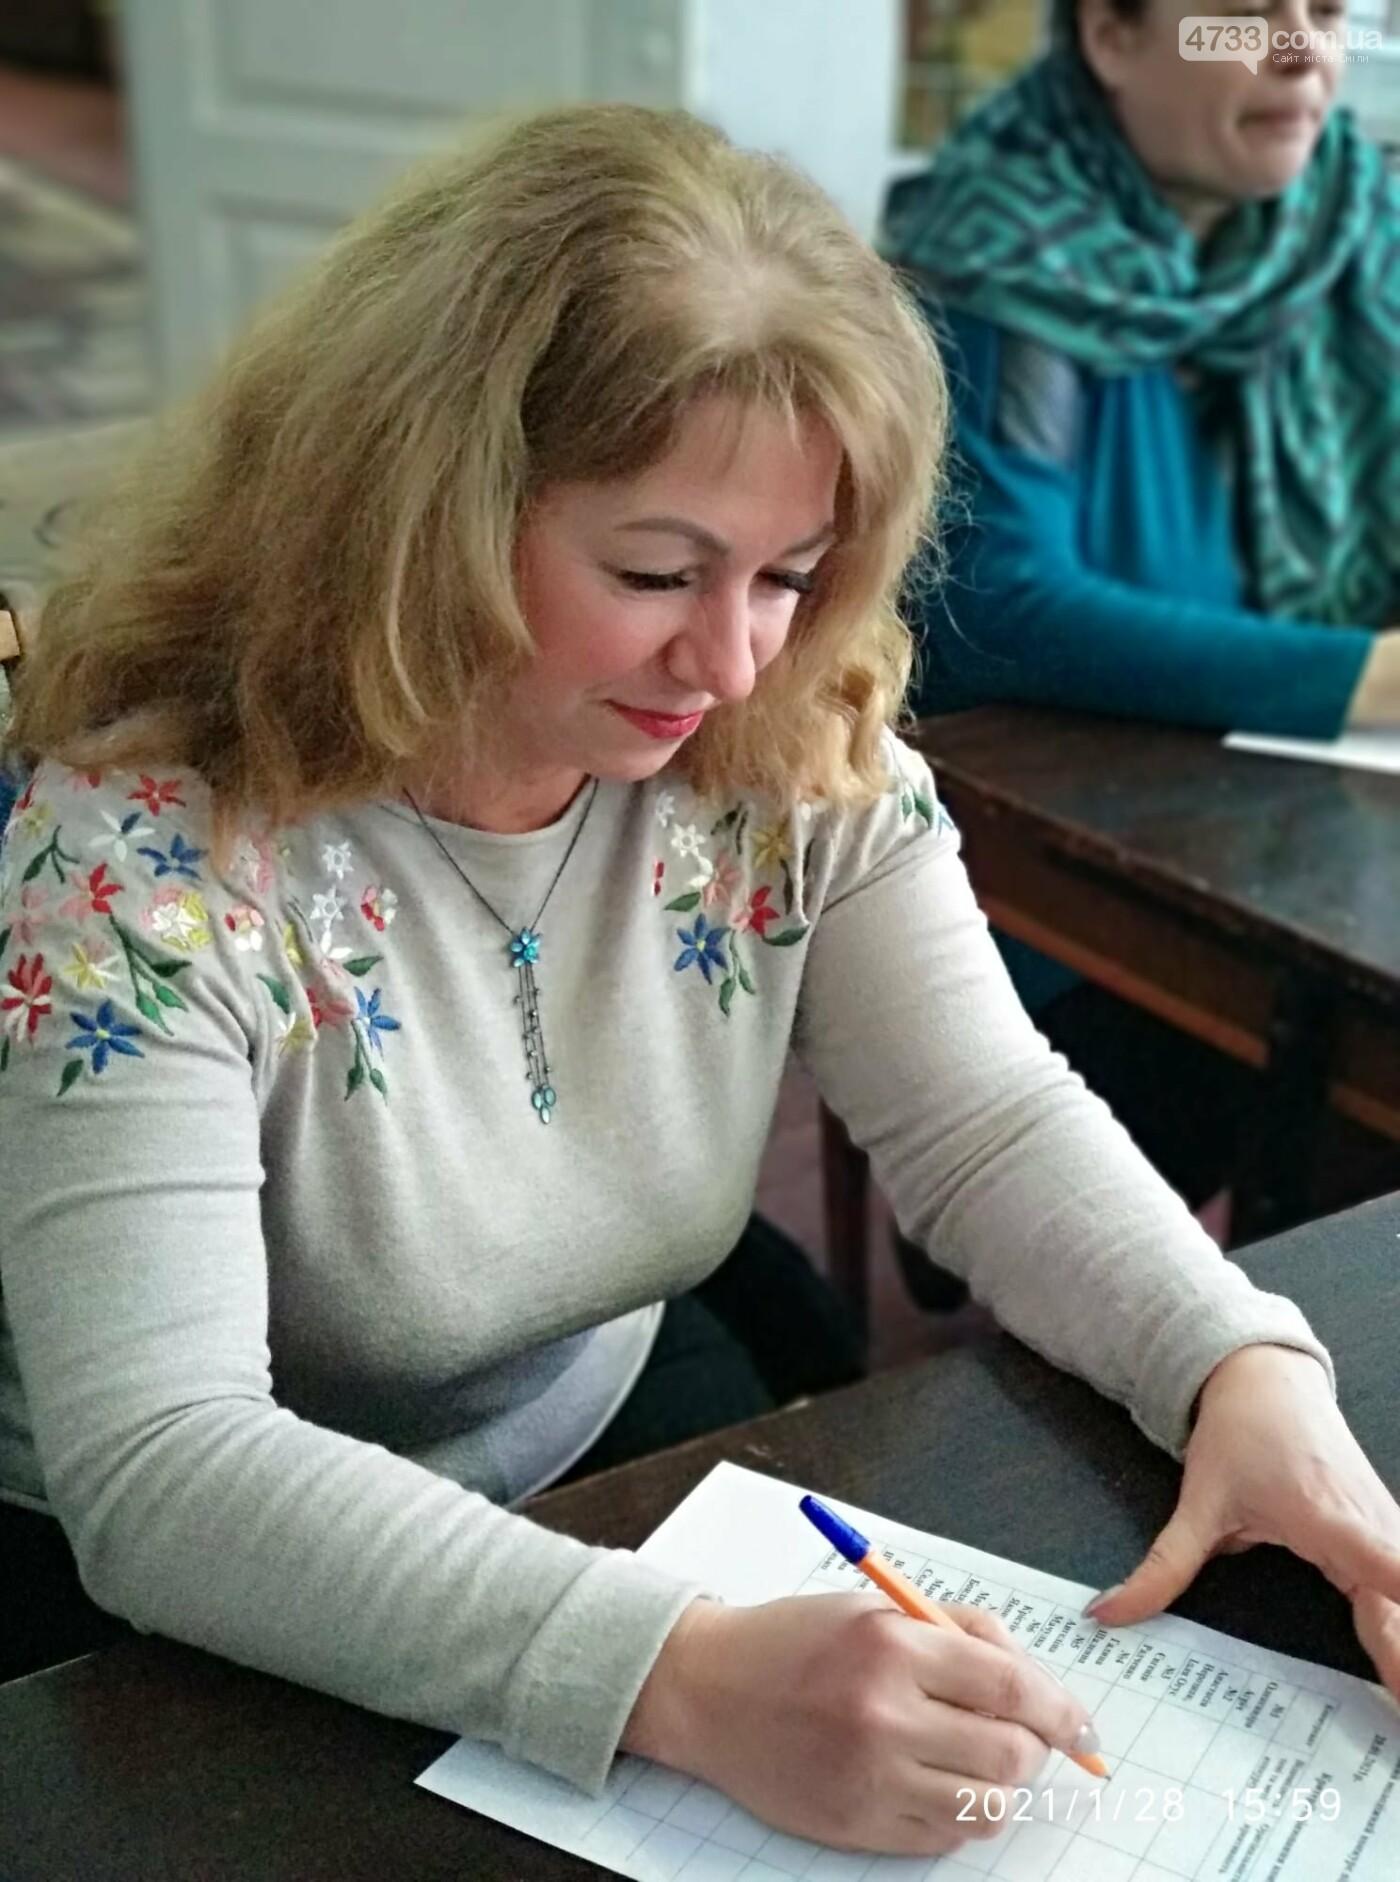 У Смілянській бібліотеці визначили переможців у конкурсі «Натхненний книгою», фото-3, Центральна бібліотека